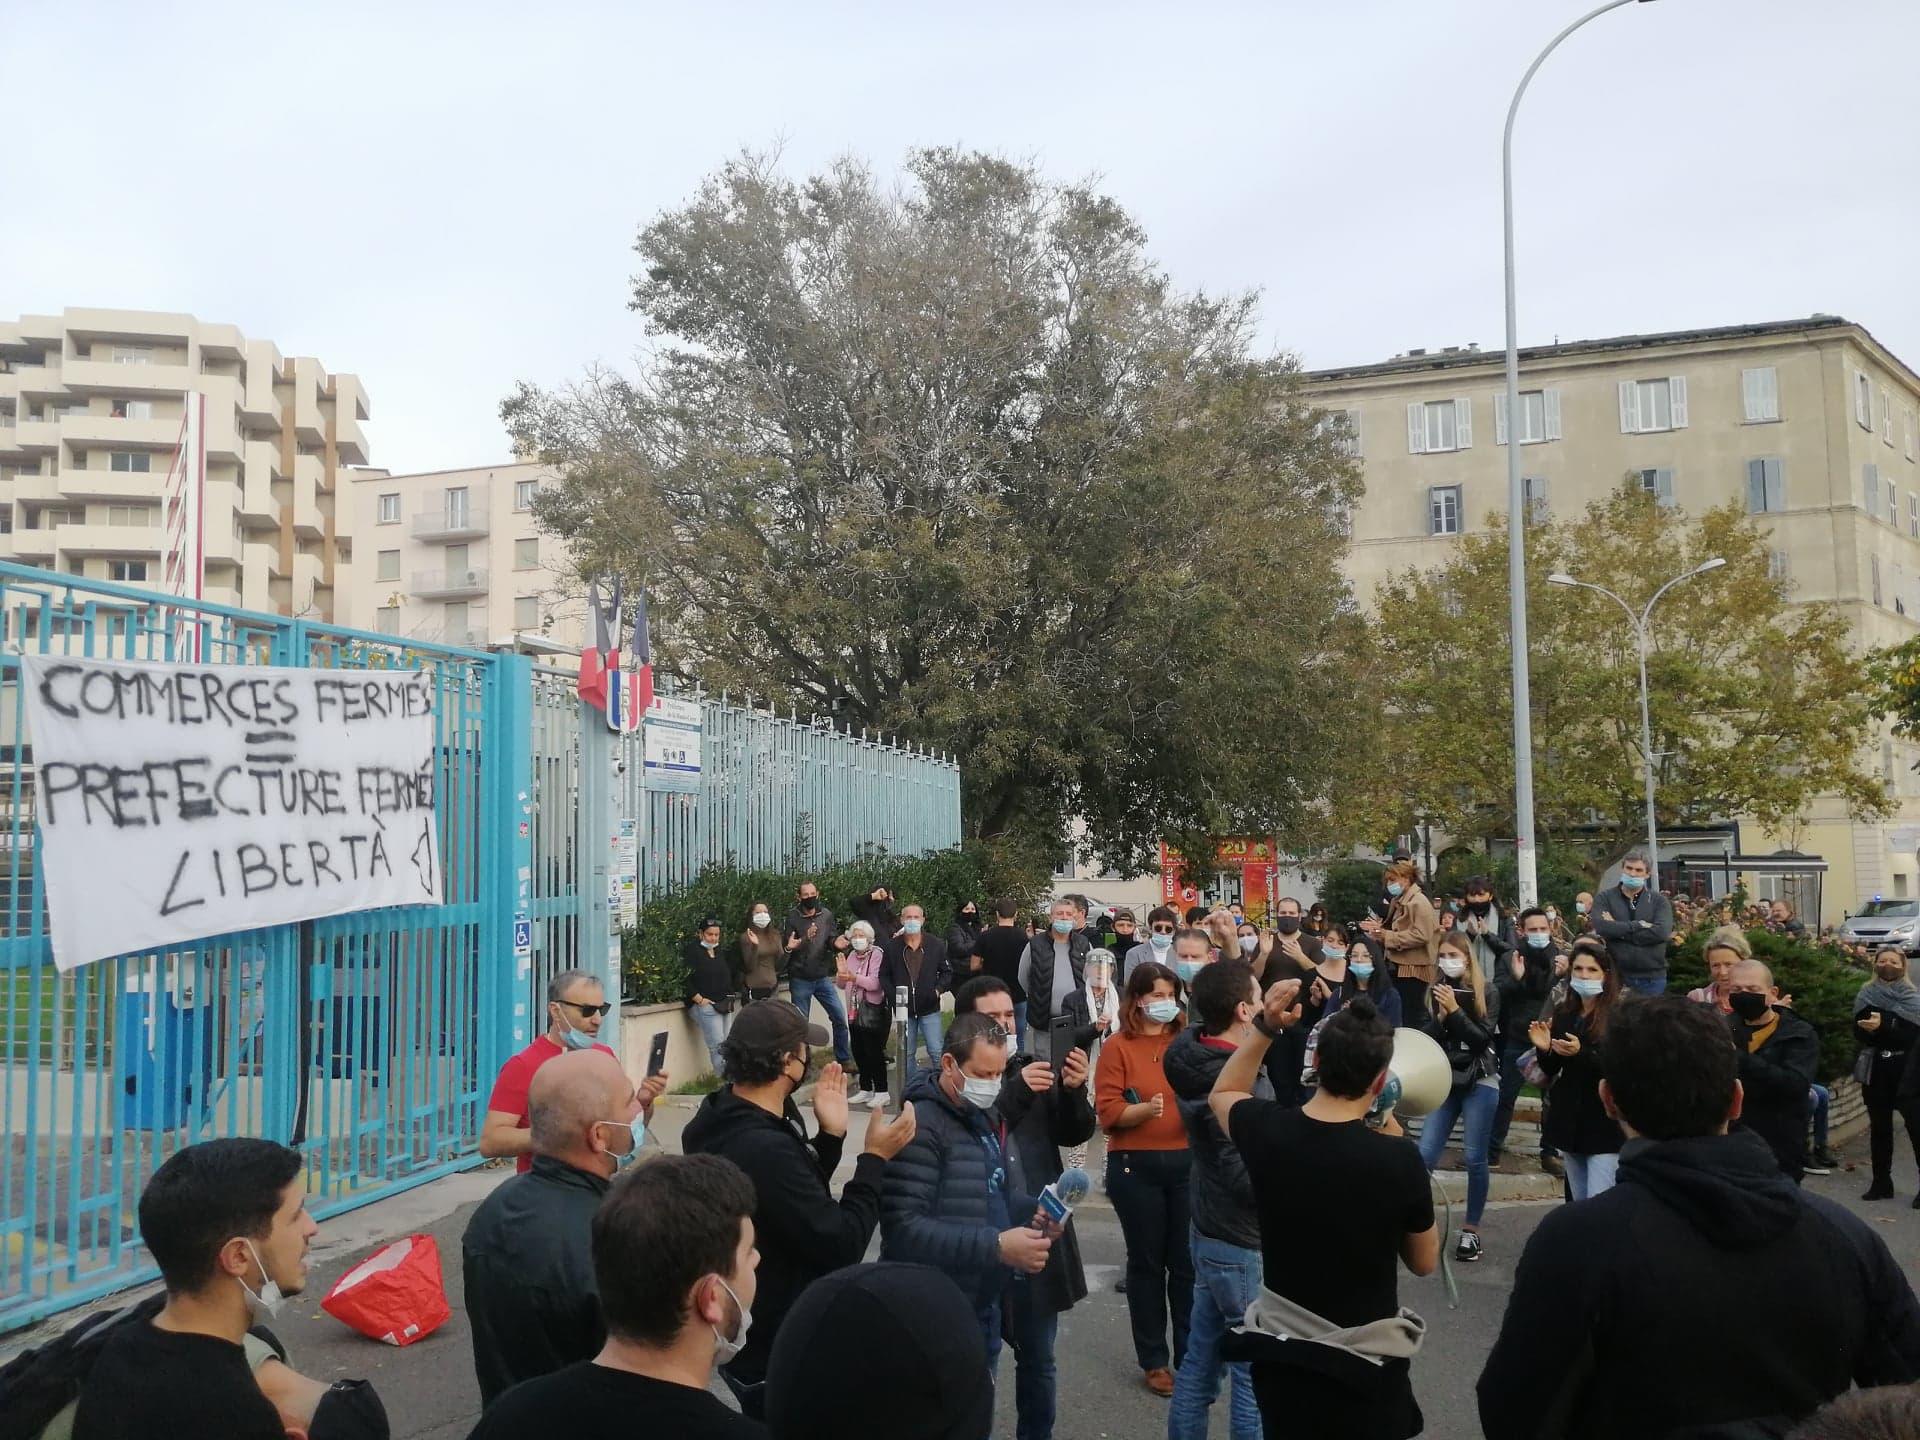 Une centaine de personnes s'est rassemblée devant la préfecture de Haute-Corse pour protester contre la fermeture des commerces jugés non essentiels